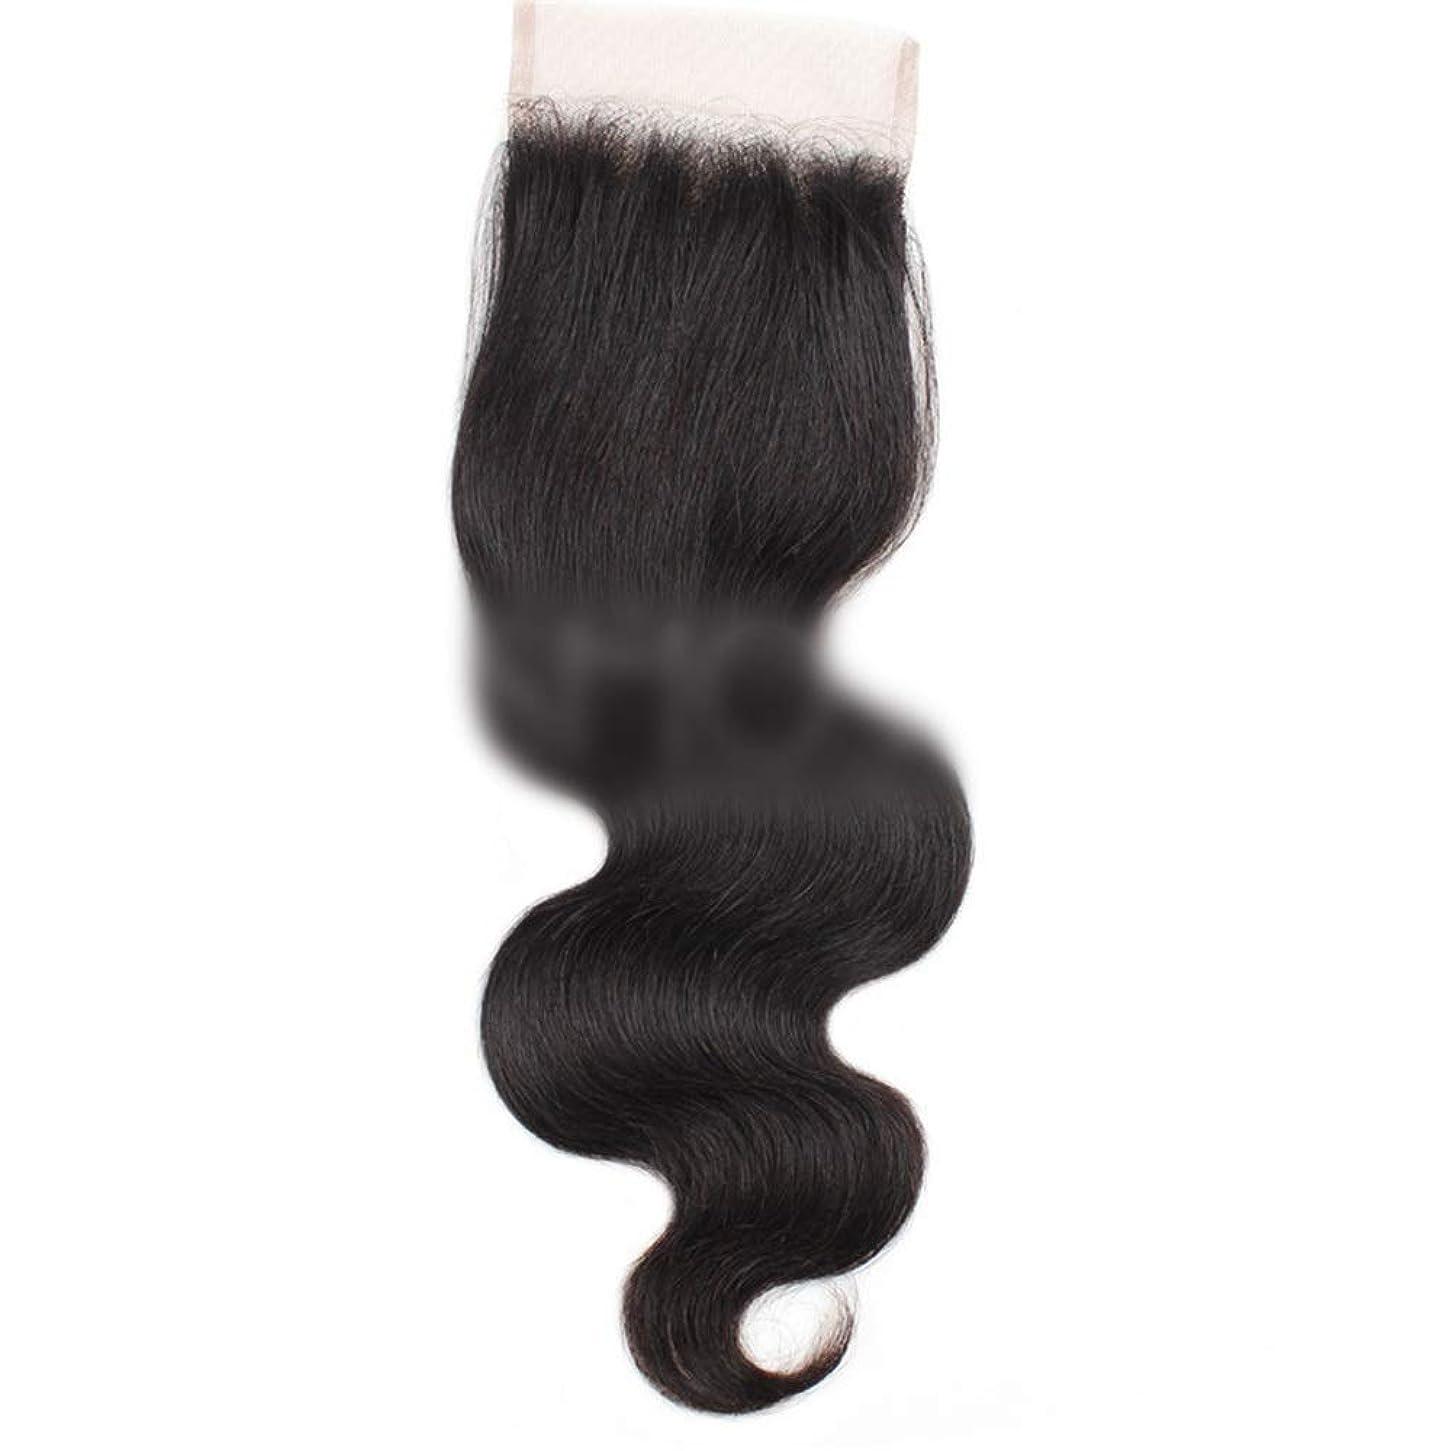 セッティングスポンジキャンドルYESONEEP 7aバージンブラジル人間の髪の毛自由な部分実体波4×4レース閉鎖ロールプレイングかつら女性のかつら (色 : 黒, サイズ : 16 inch)